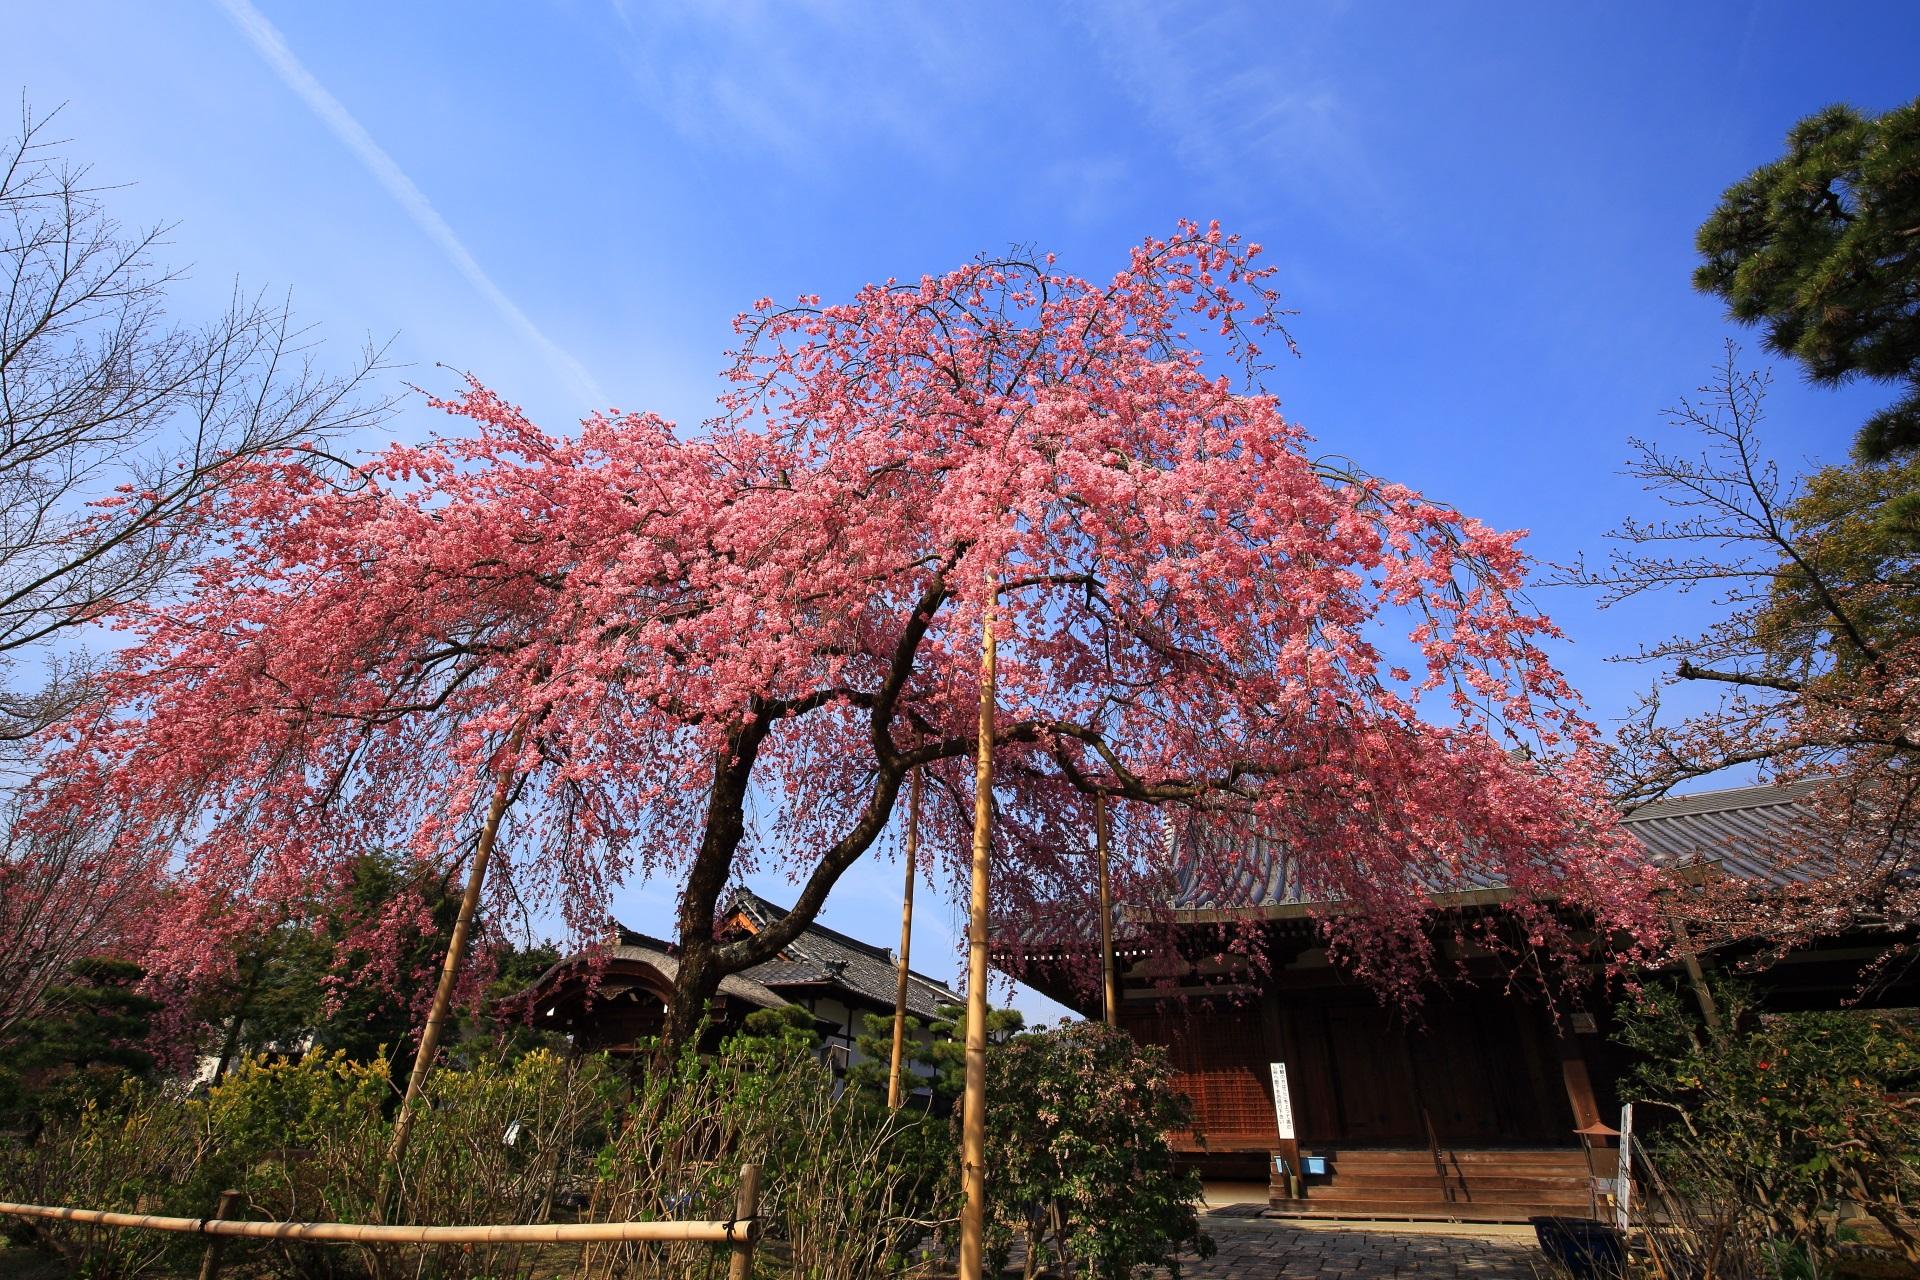 礼堂前の待賢門院桜(たいけんもんいんざくら)